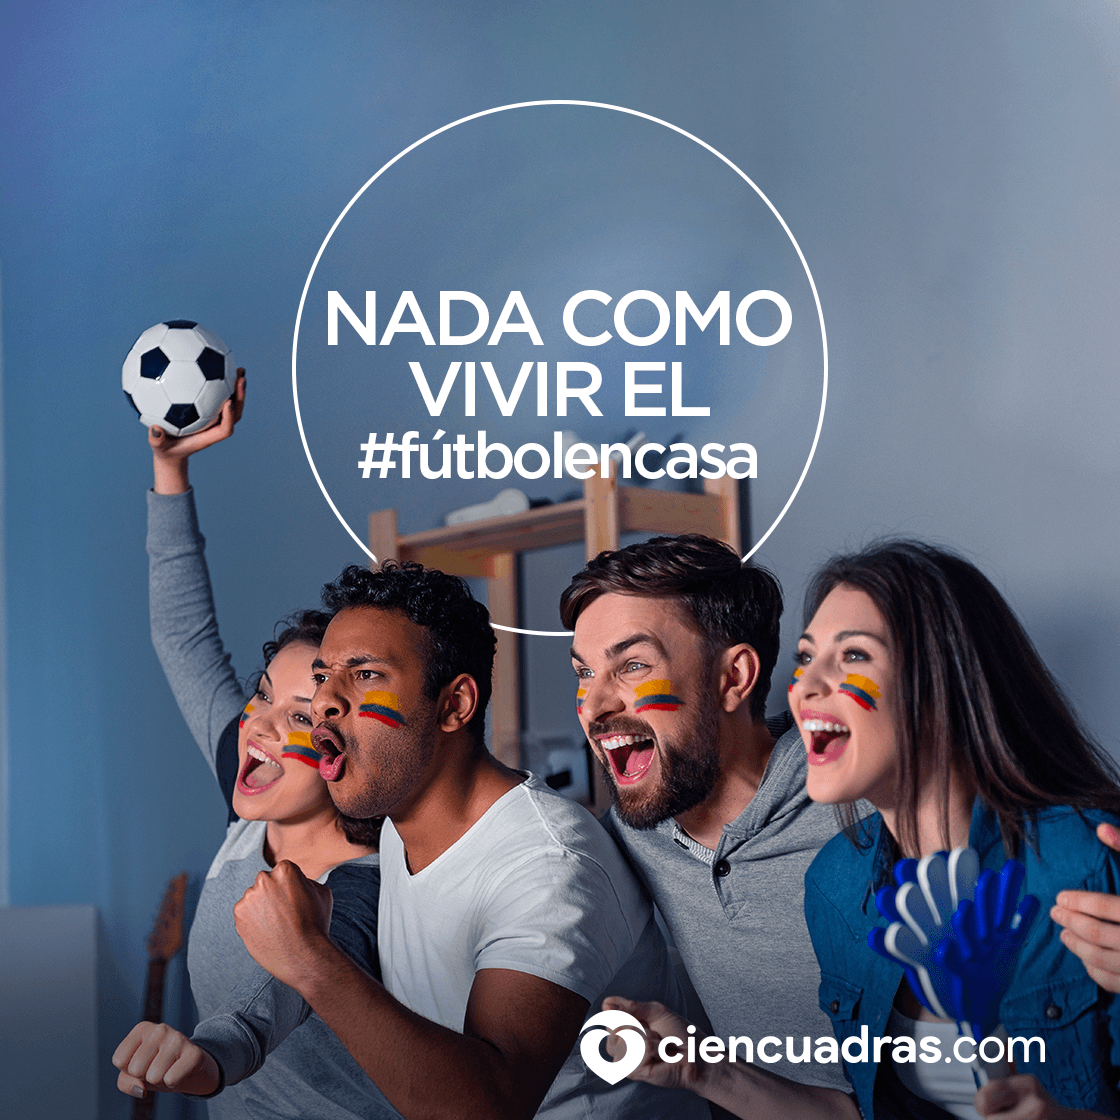 #fútbolencasa